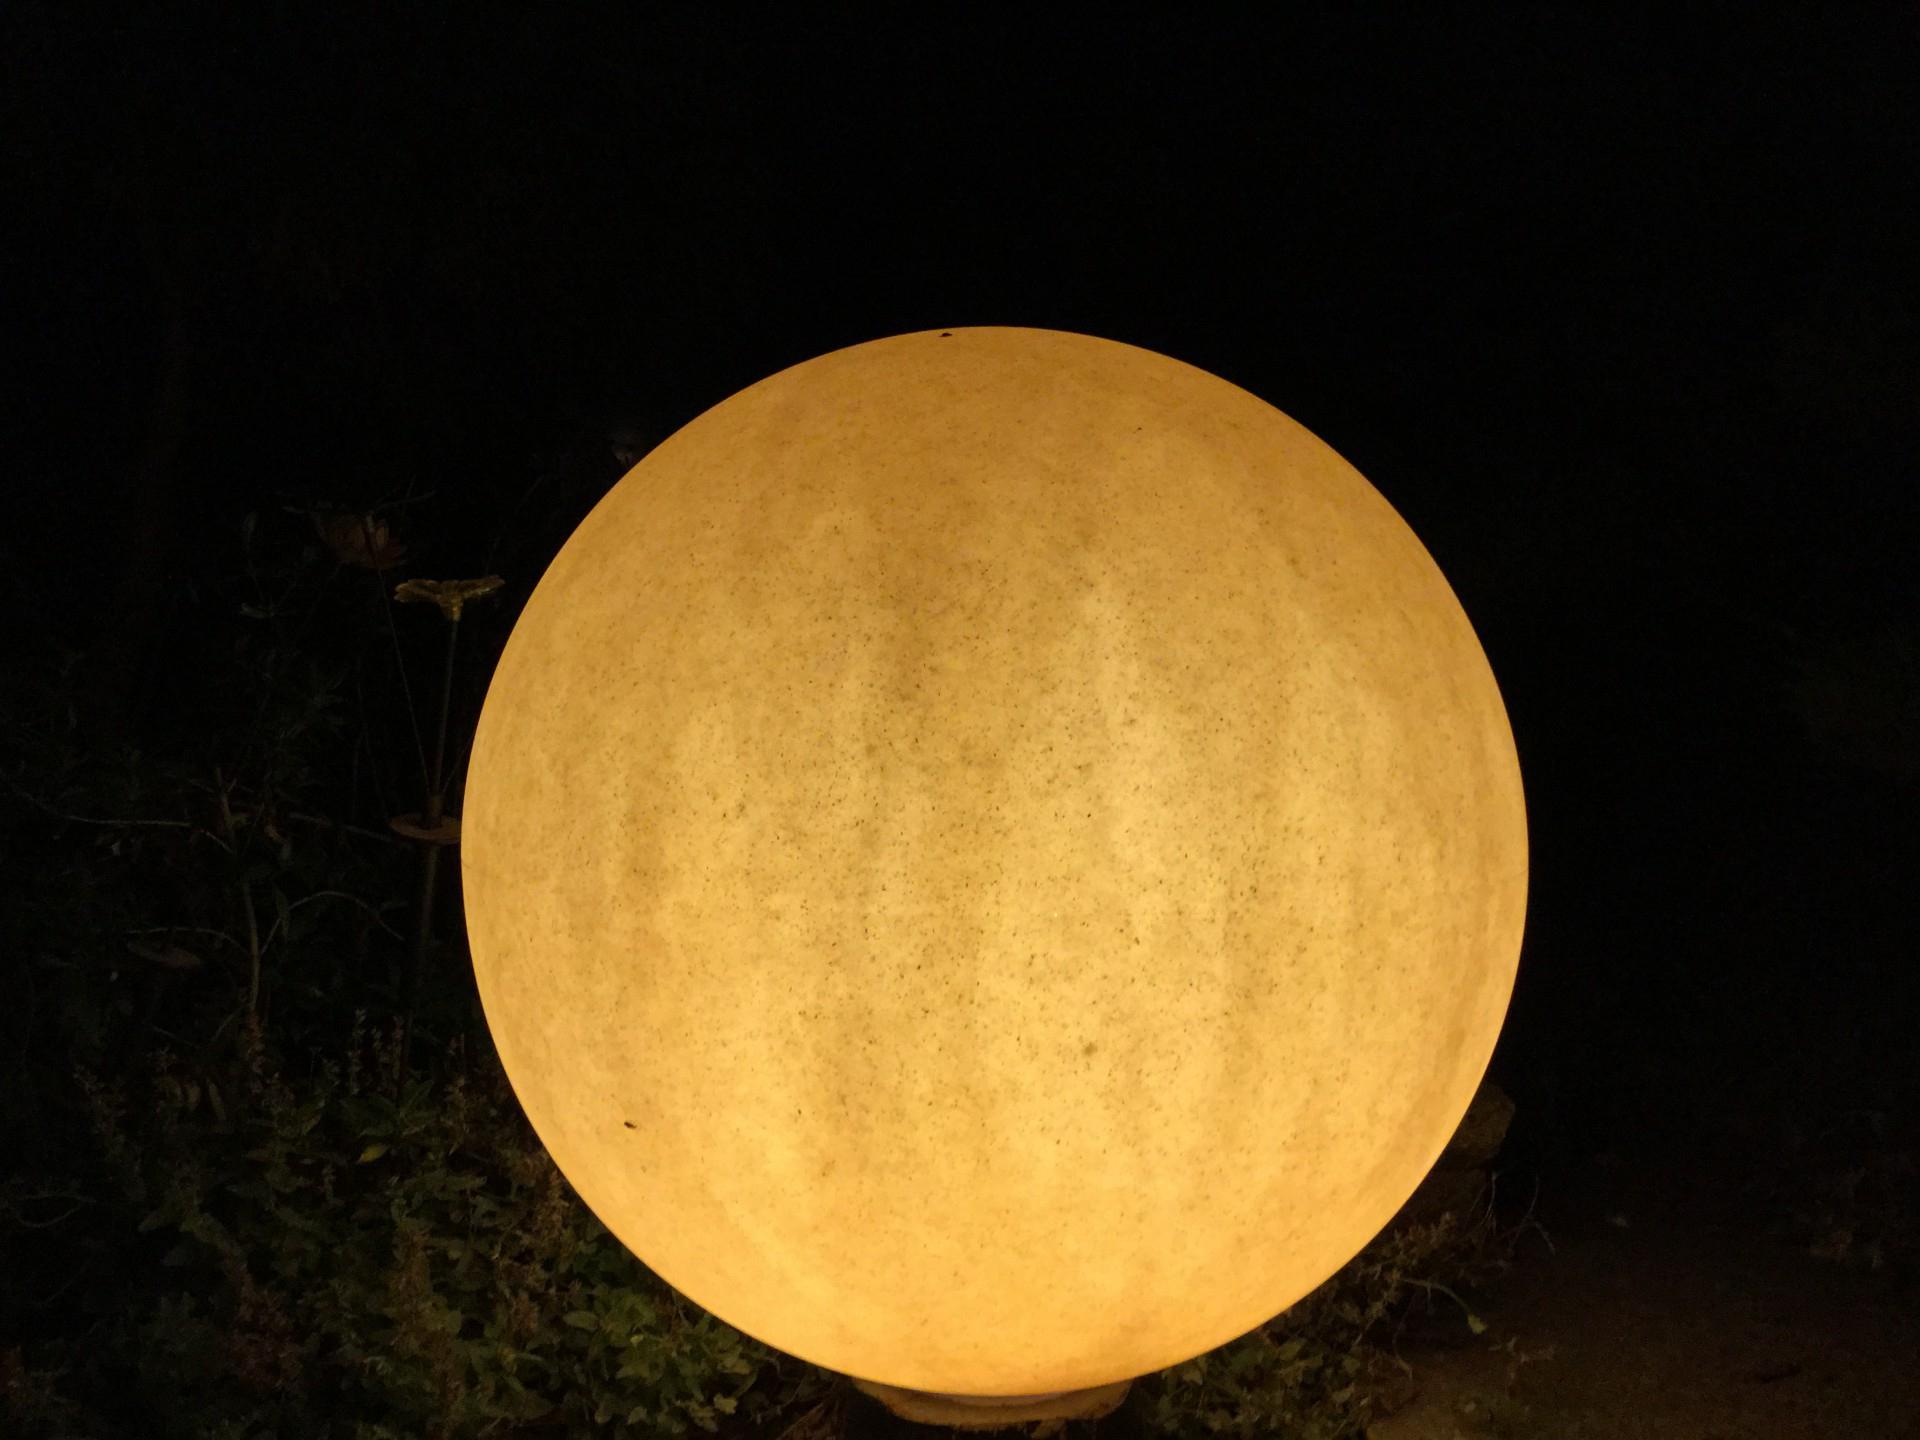 Idées D'éclairage De Jardin : Les Sphères Lumineuses destiné Sphere Lumineuse Jardin